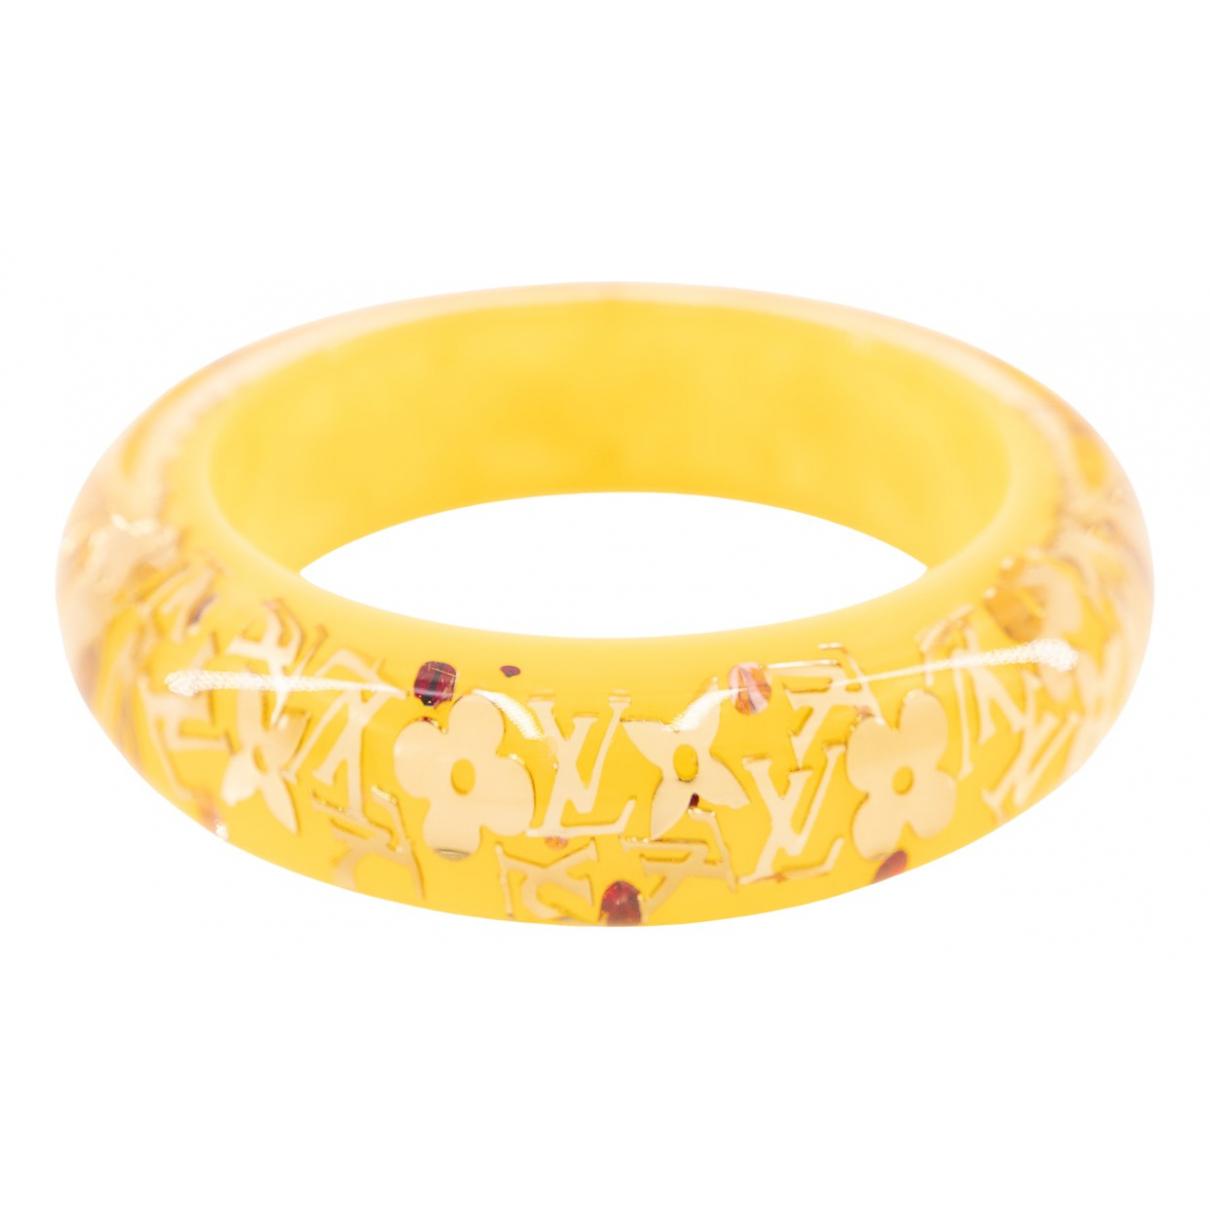 Louis Vuitton - Bracelet Inclusion pour femme - jaune